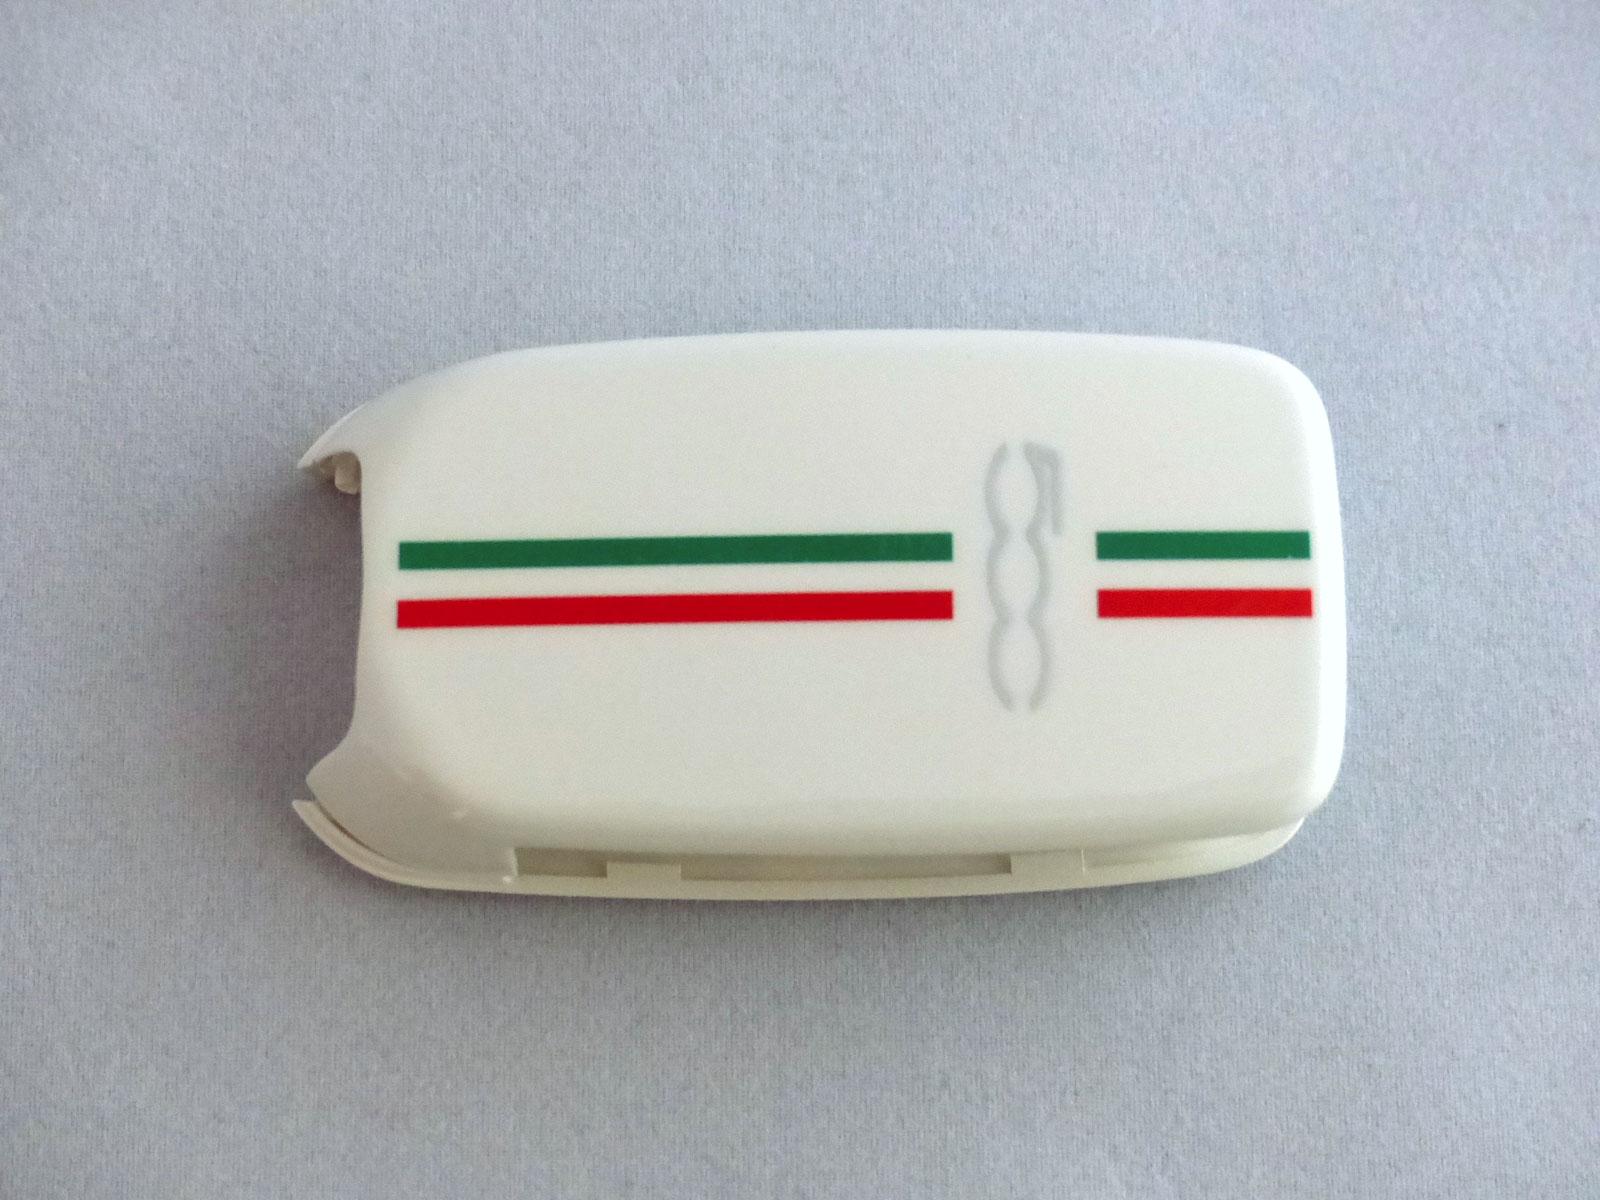 1x Schlüsselschale Schlüsselcover Fiat 500X Aufdruck 500 weiß Italienflagge